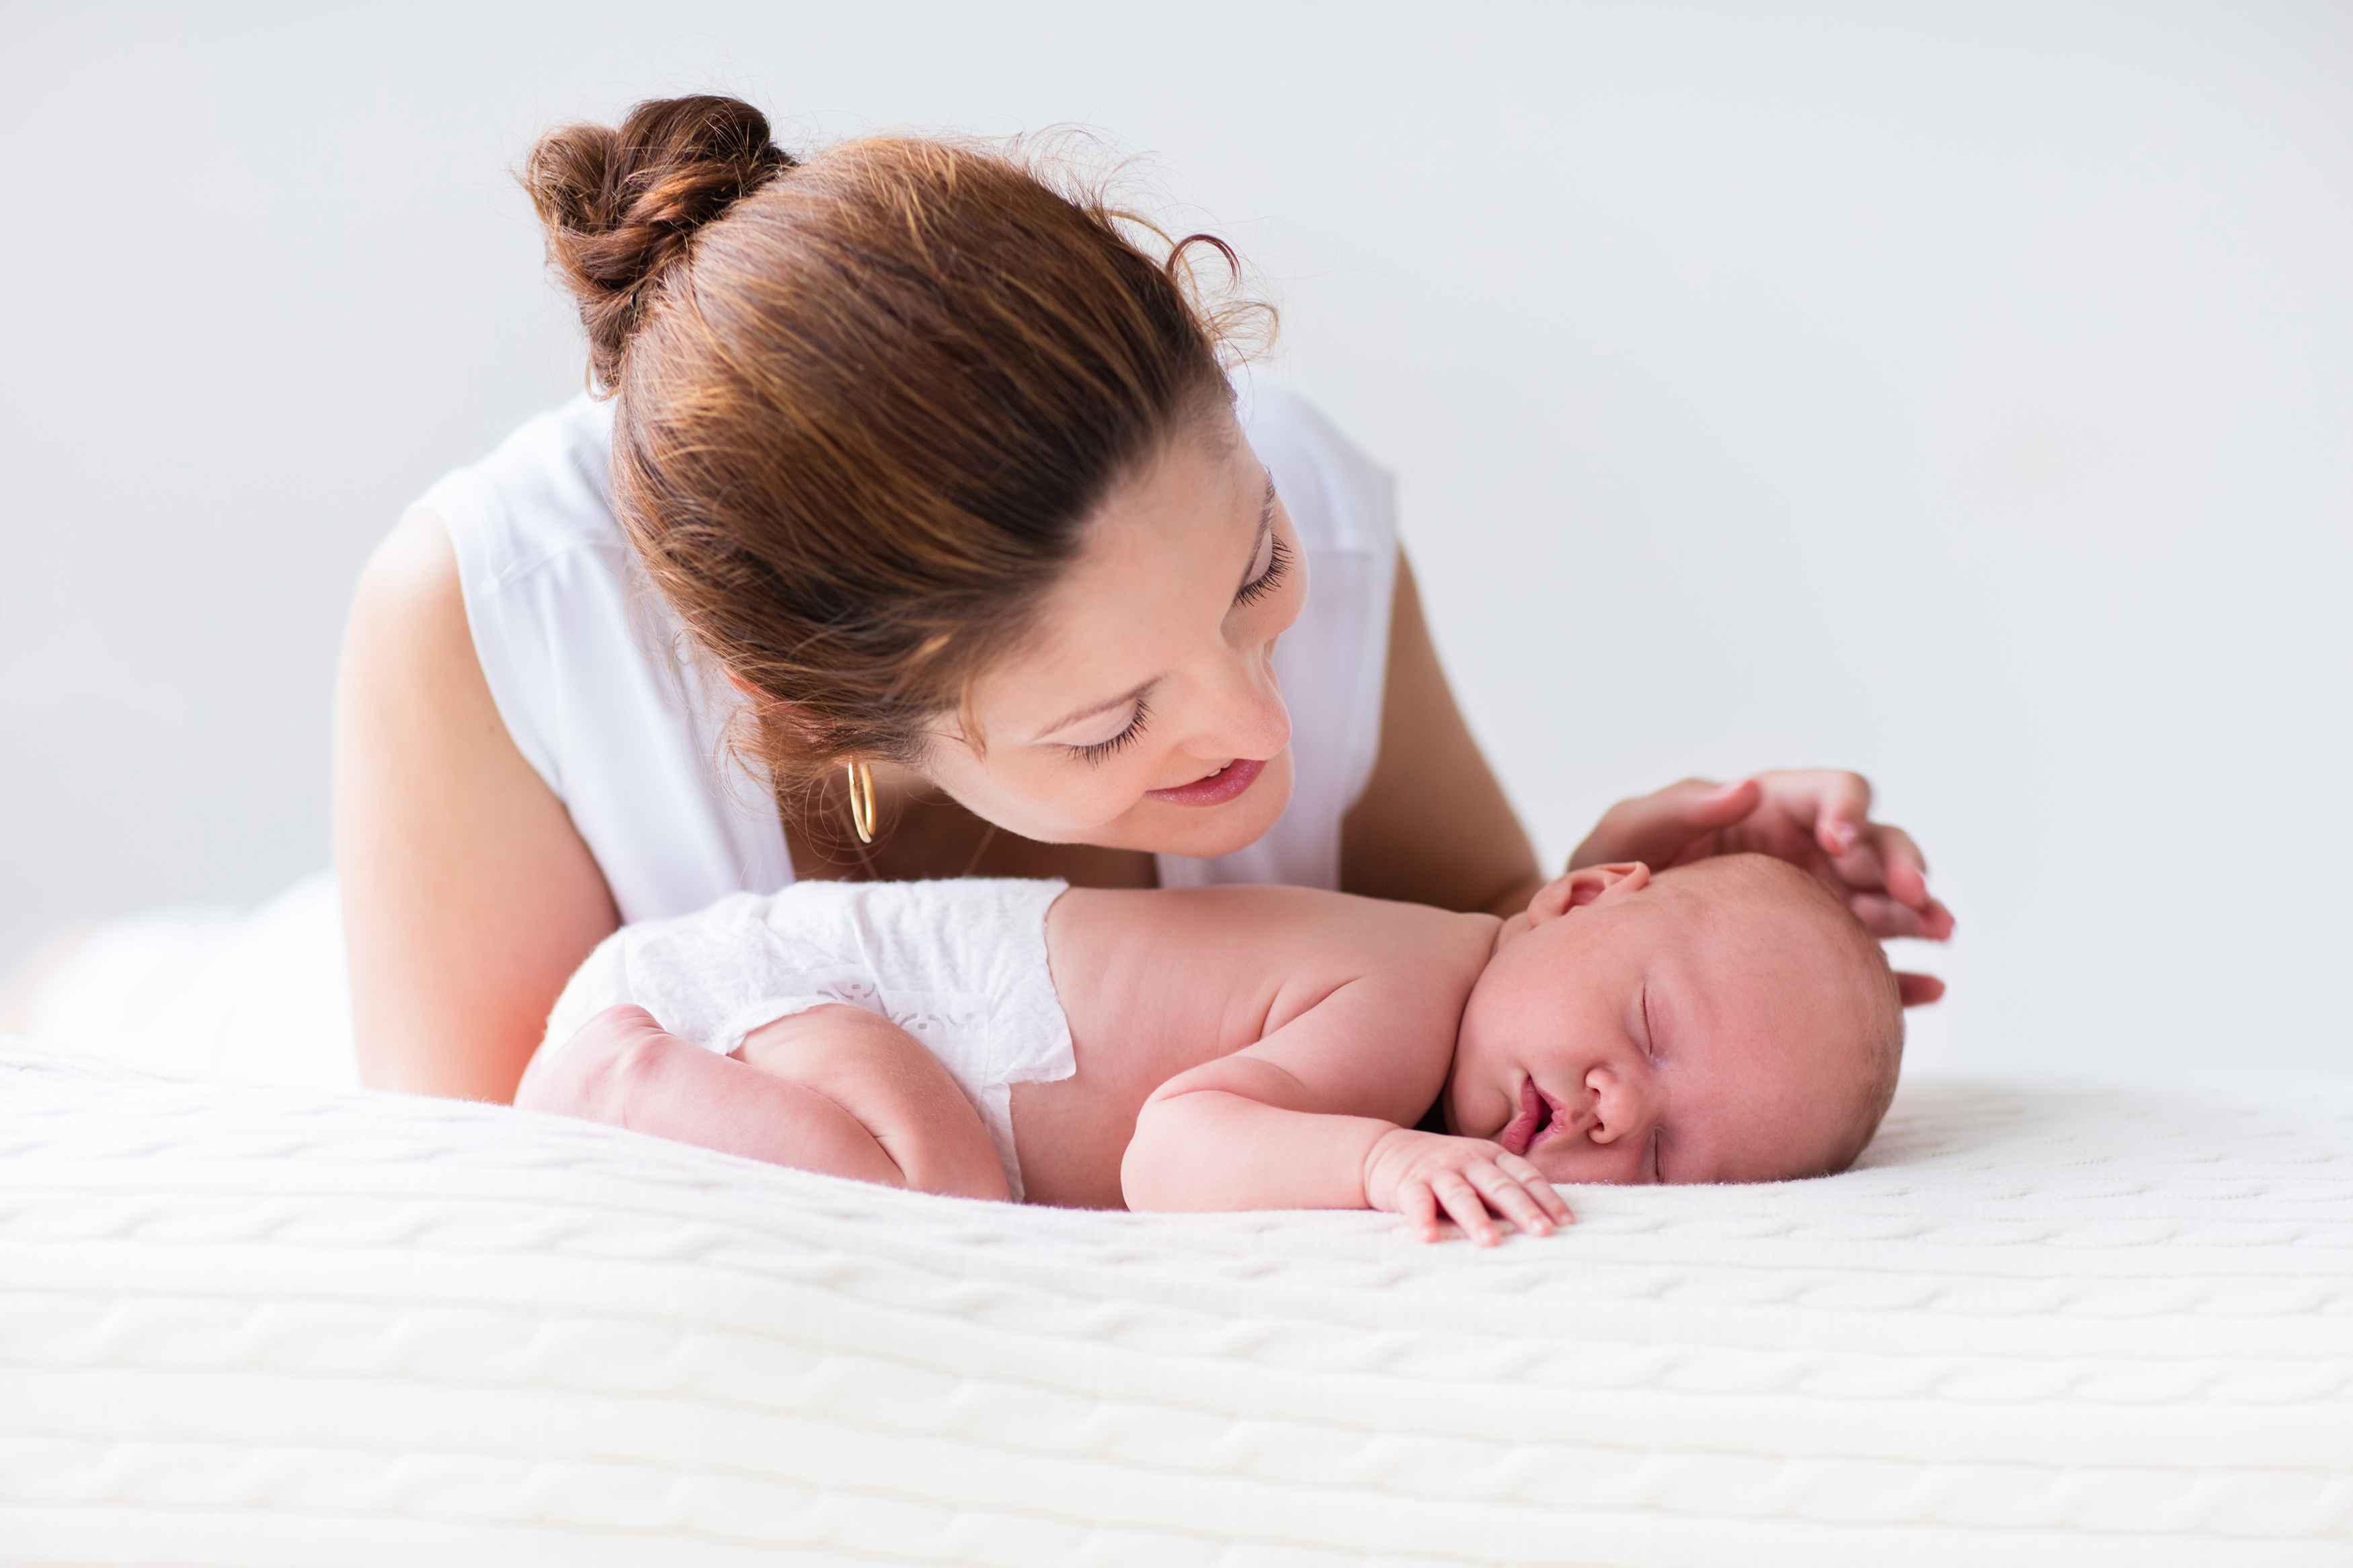 这4种错误睡姿,会让宝宝越睡越笨,宝妈们都注意了!